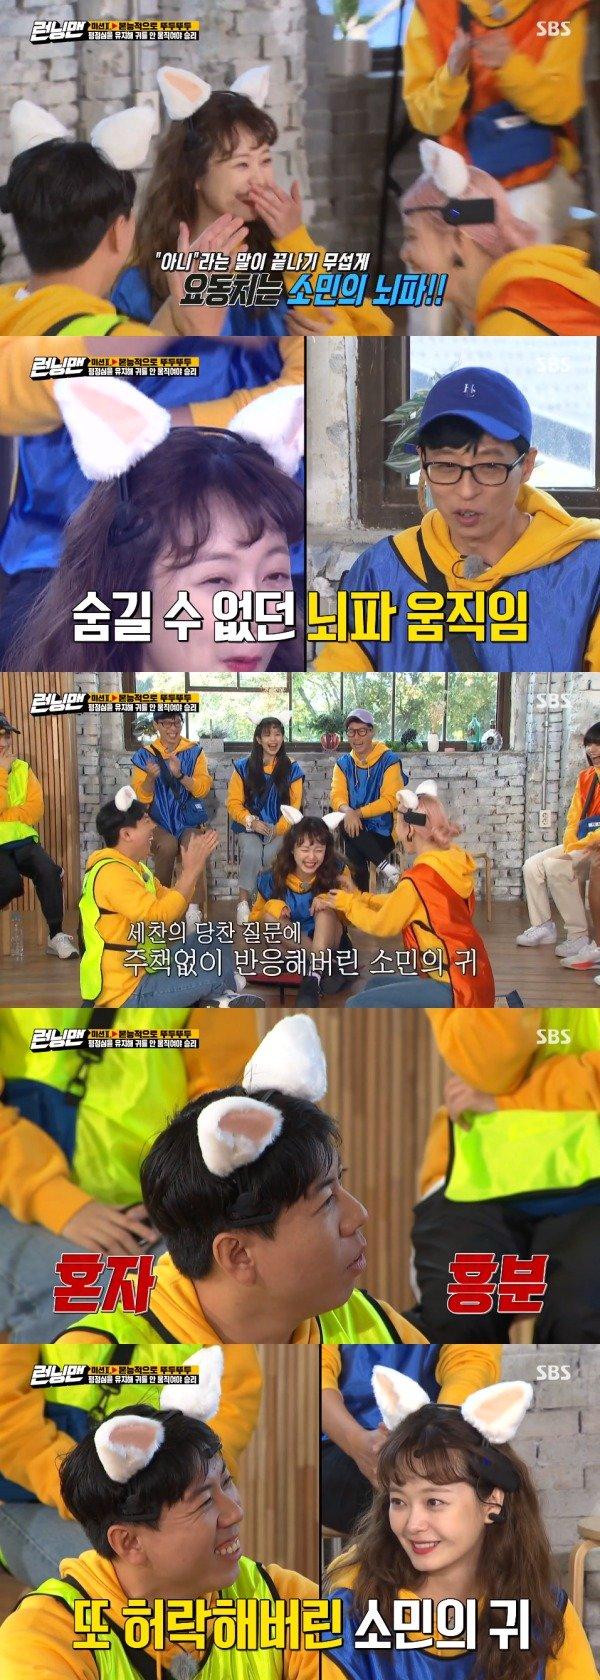 SBS '런닝맨' 방송 화면 캡처 © 뉴스1